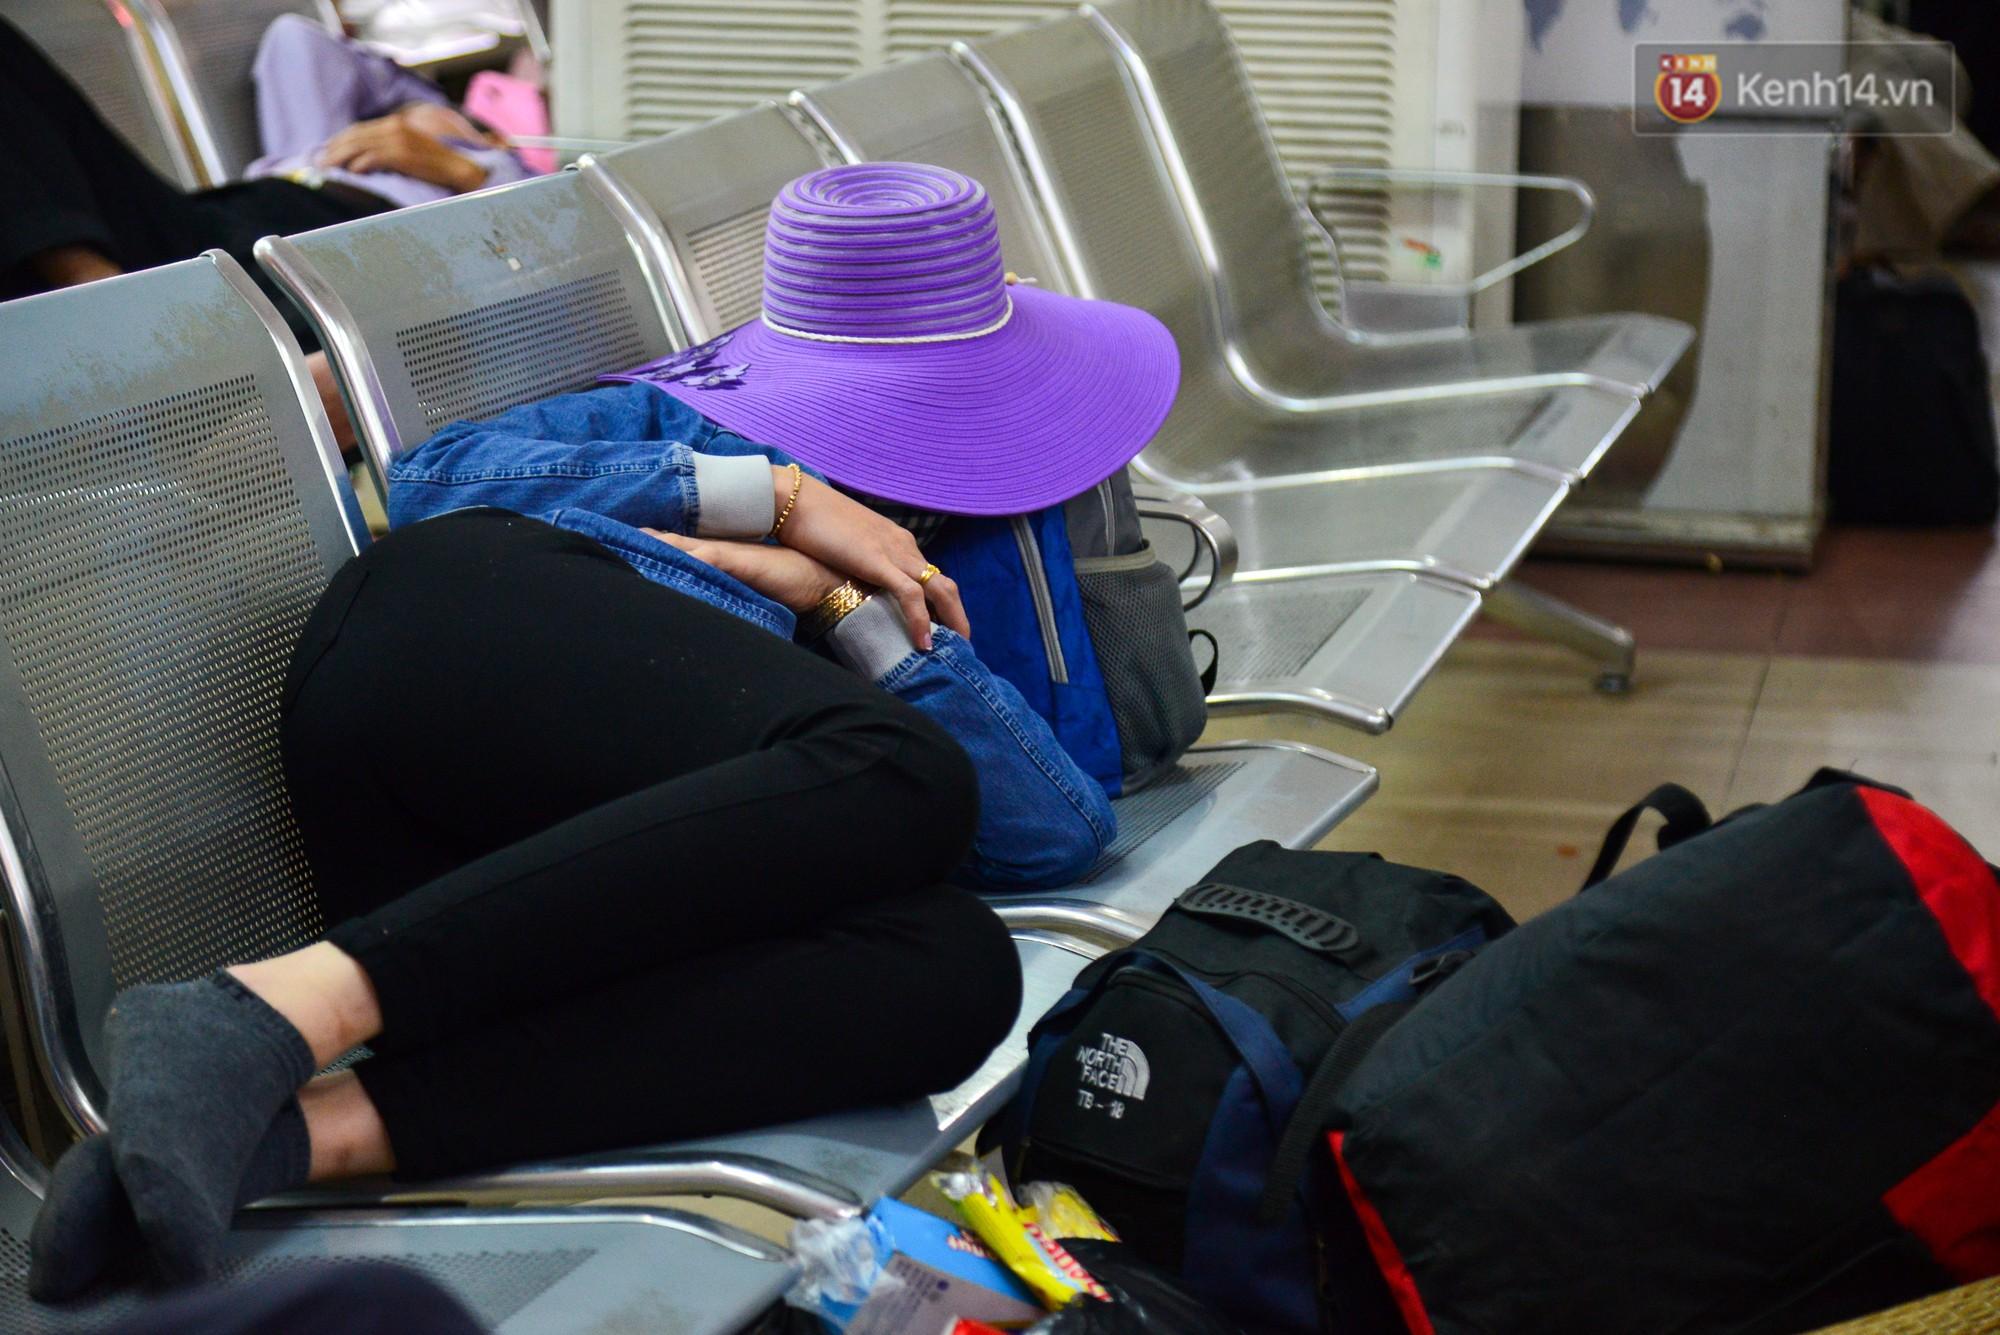 Chùm ảnh: Những giấc ngủ gà gật của người dân chờ xe về quê nghỉ Tết khiến nhiều người nhìn thôi cũng thấy mệt - Ảnh 5.